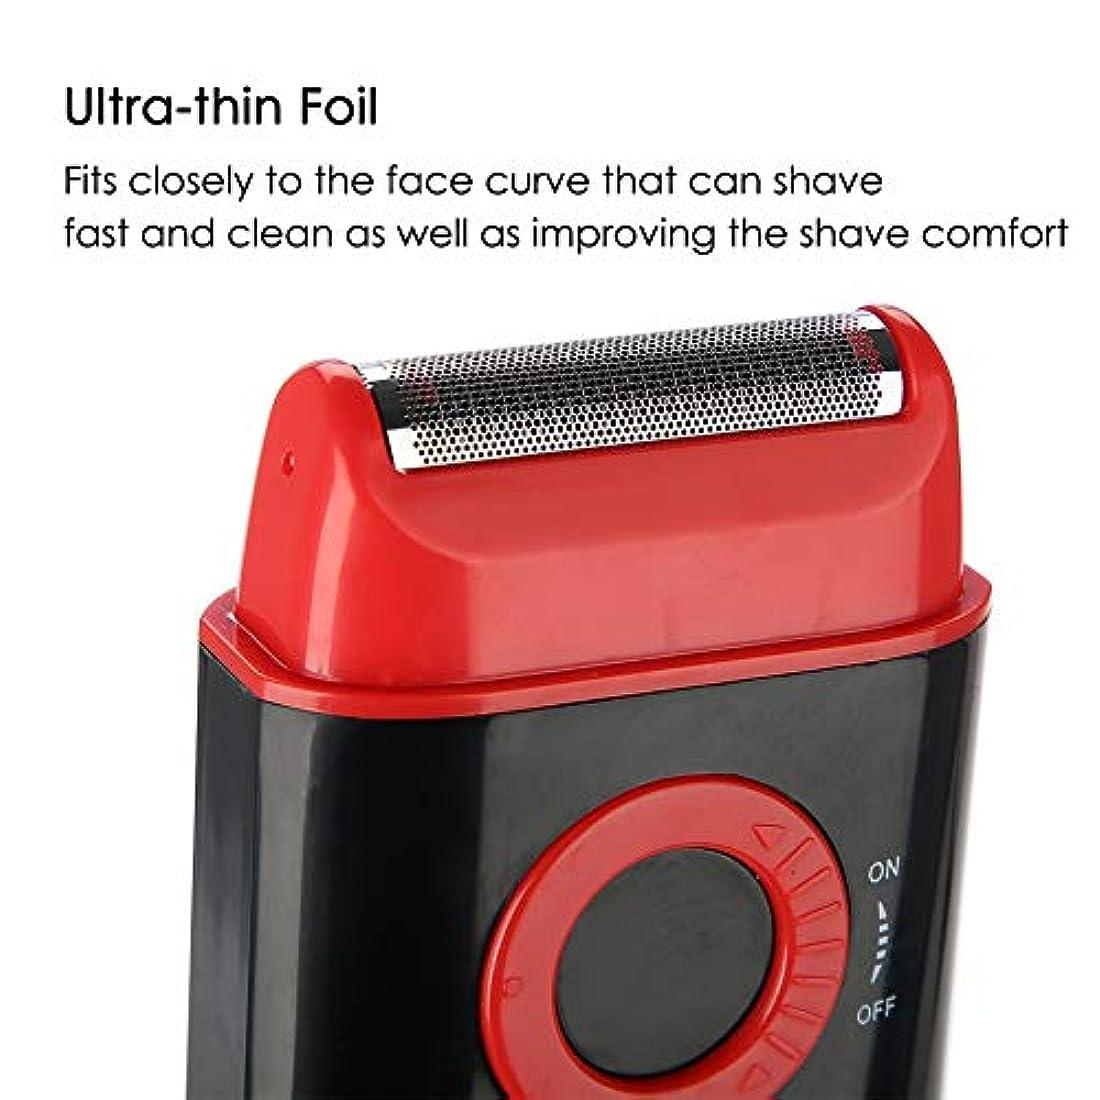 地平線エコー保有者電気シェーバー 剃刀 男性 超薄型箔ポップアップひげトリマー単3電池のパワーシェービングカミソリ (レッド)